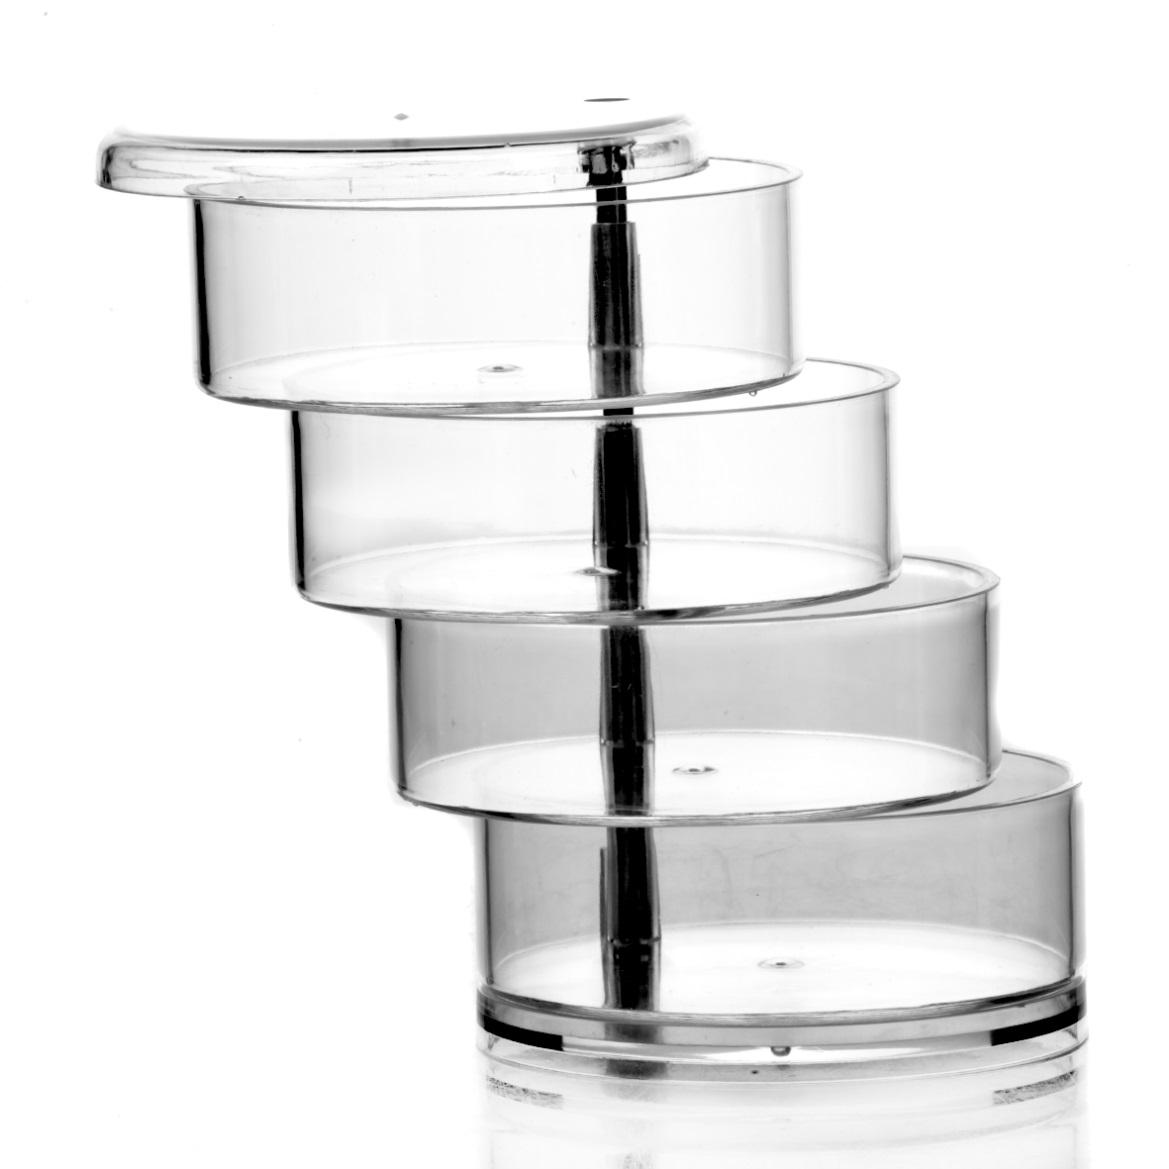 Подставка четырехъярусная House & HolderXZH001Подставка с крышкой House & Holder отлично подойдет для хранения украшений или косметики. Выполнена из прозрачного пластика. Подставка имеет 4 яруса, которые можно смещать для удобства использования. Размер подставки: 11,5 см х 11,5 см х 18 см. Размер яруса: 11,5 см х 11,5 см х 3,5 см.